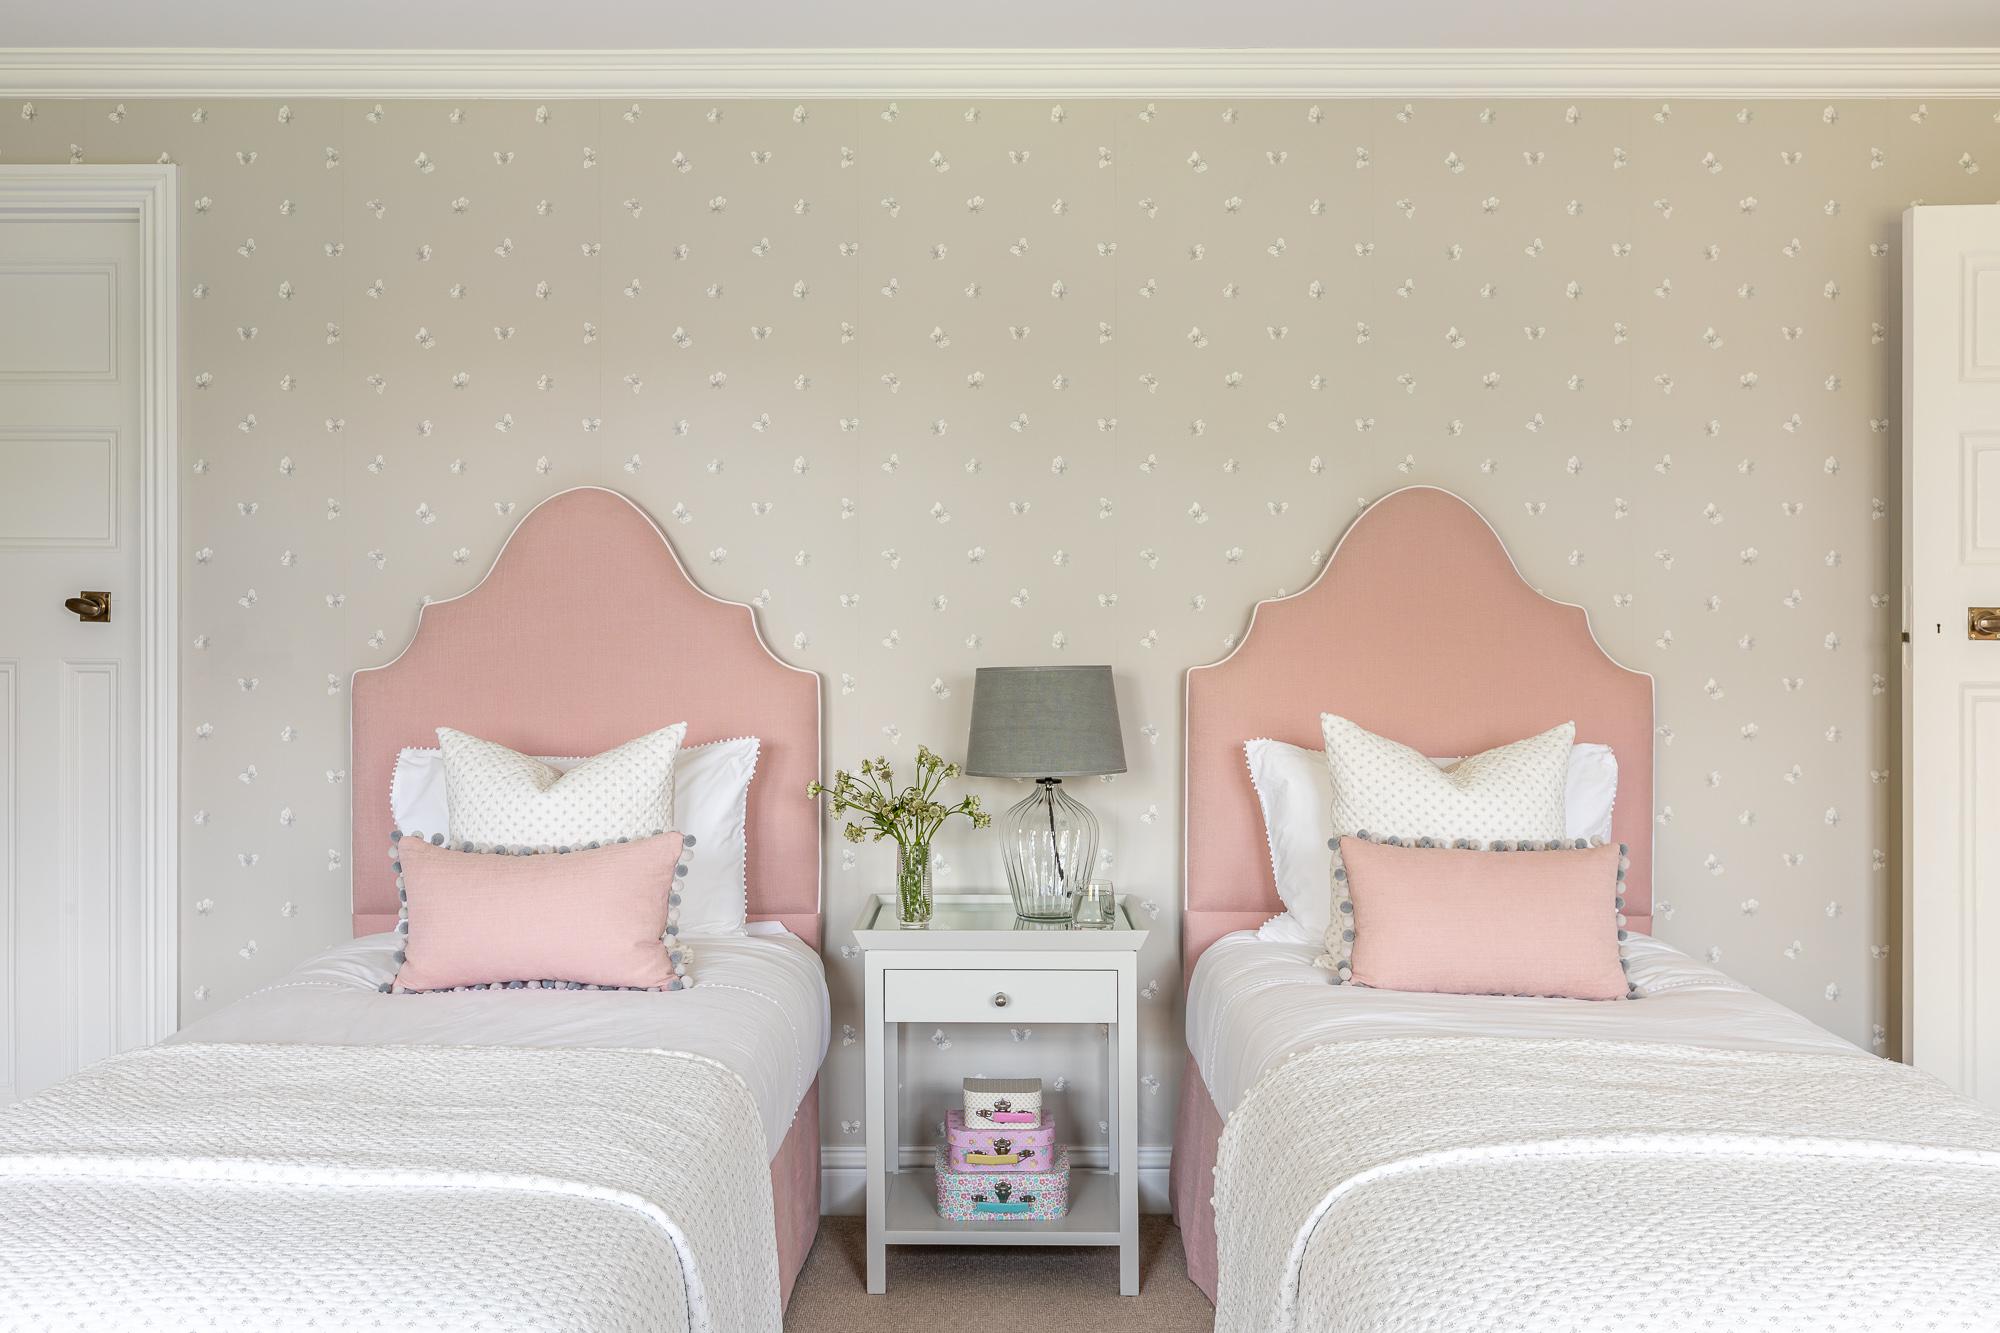 jonathan bond, interior photographer, 2 single beds in bedroom, great missenden, buckinghamshire